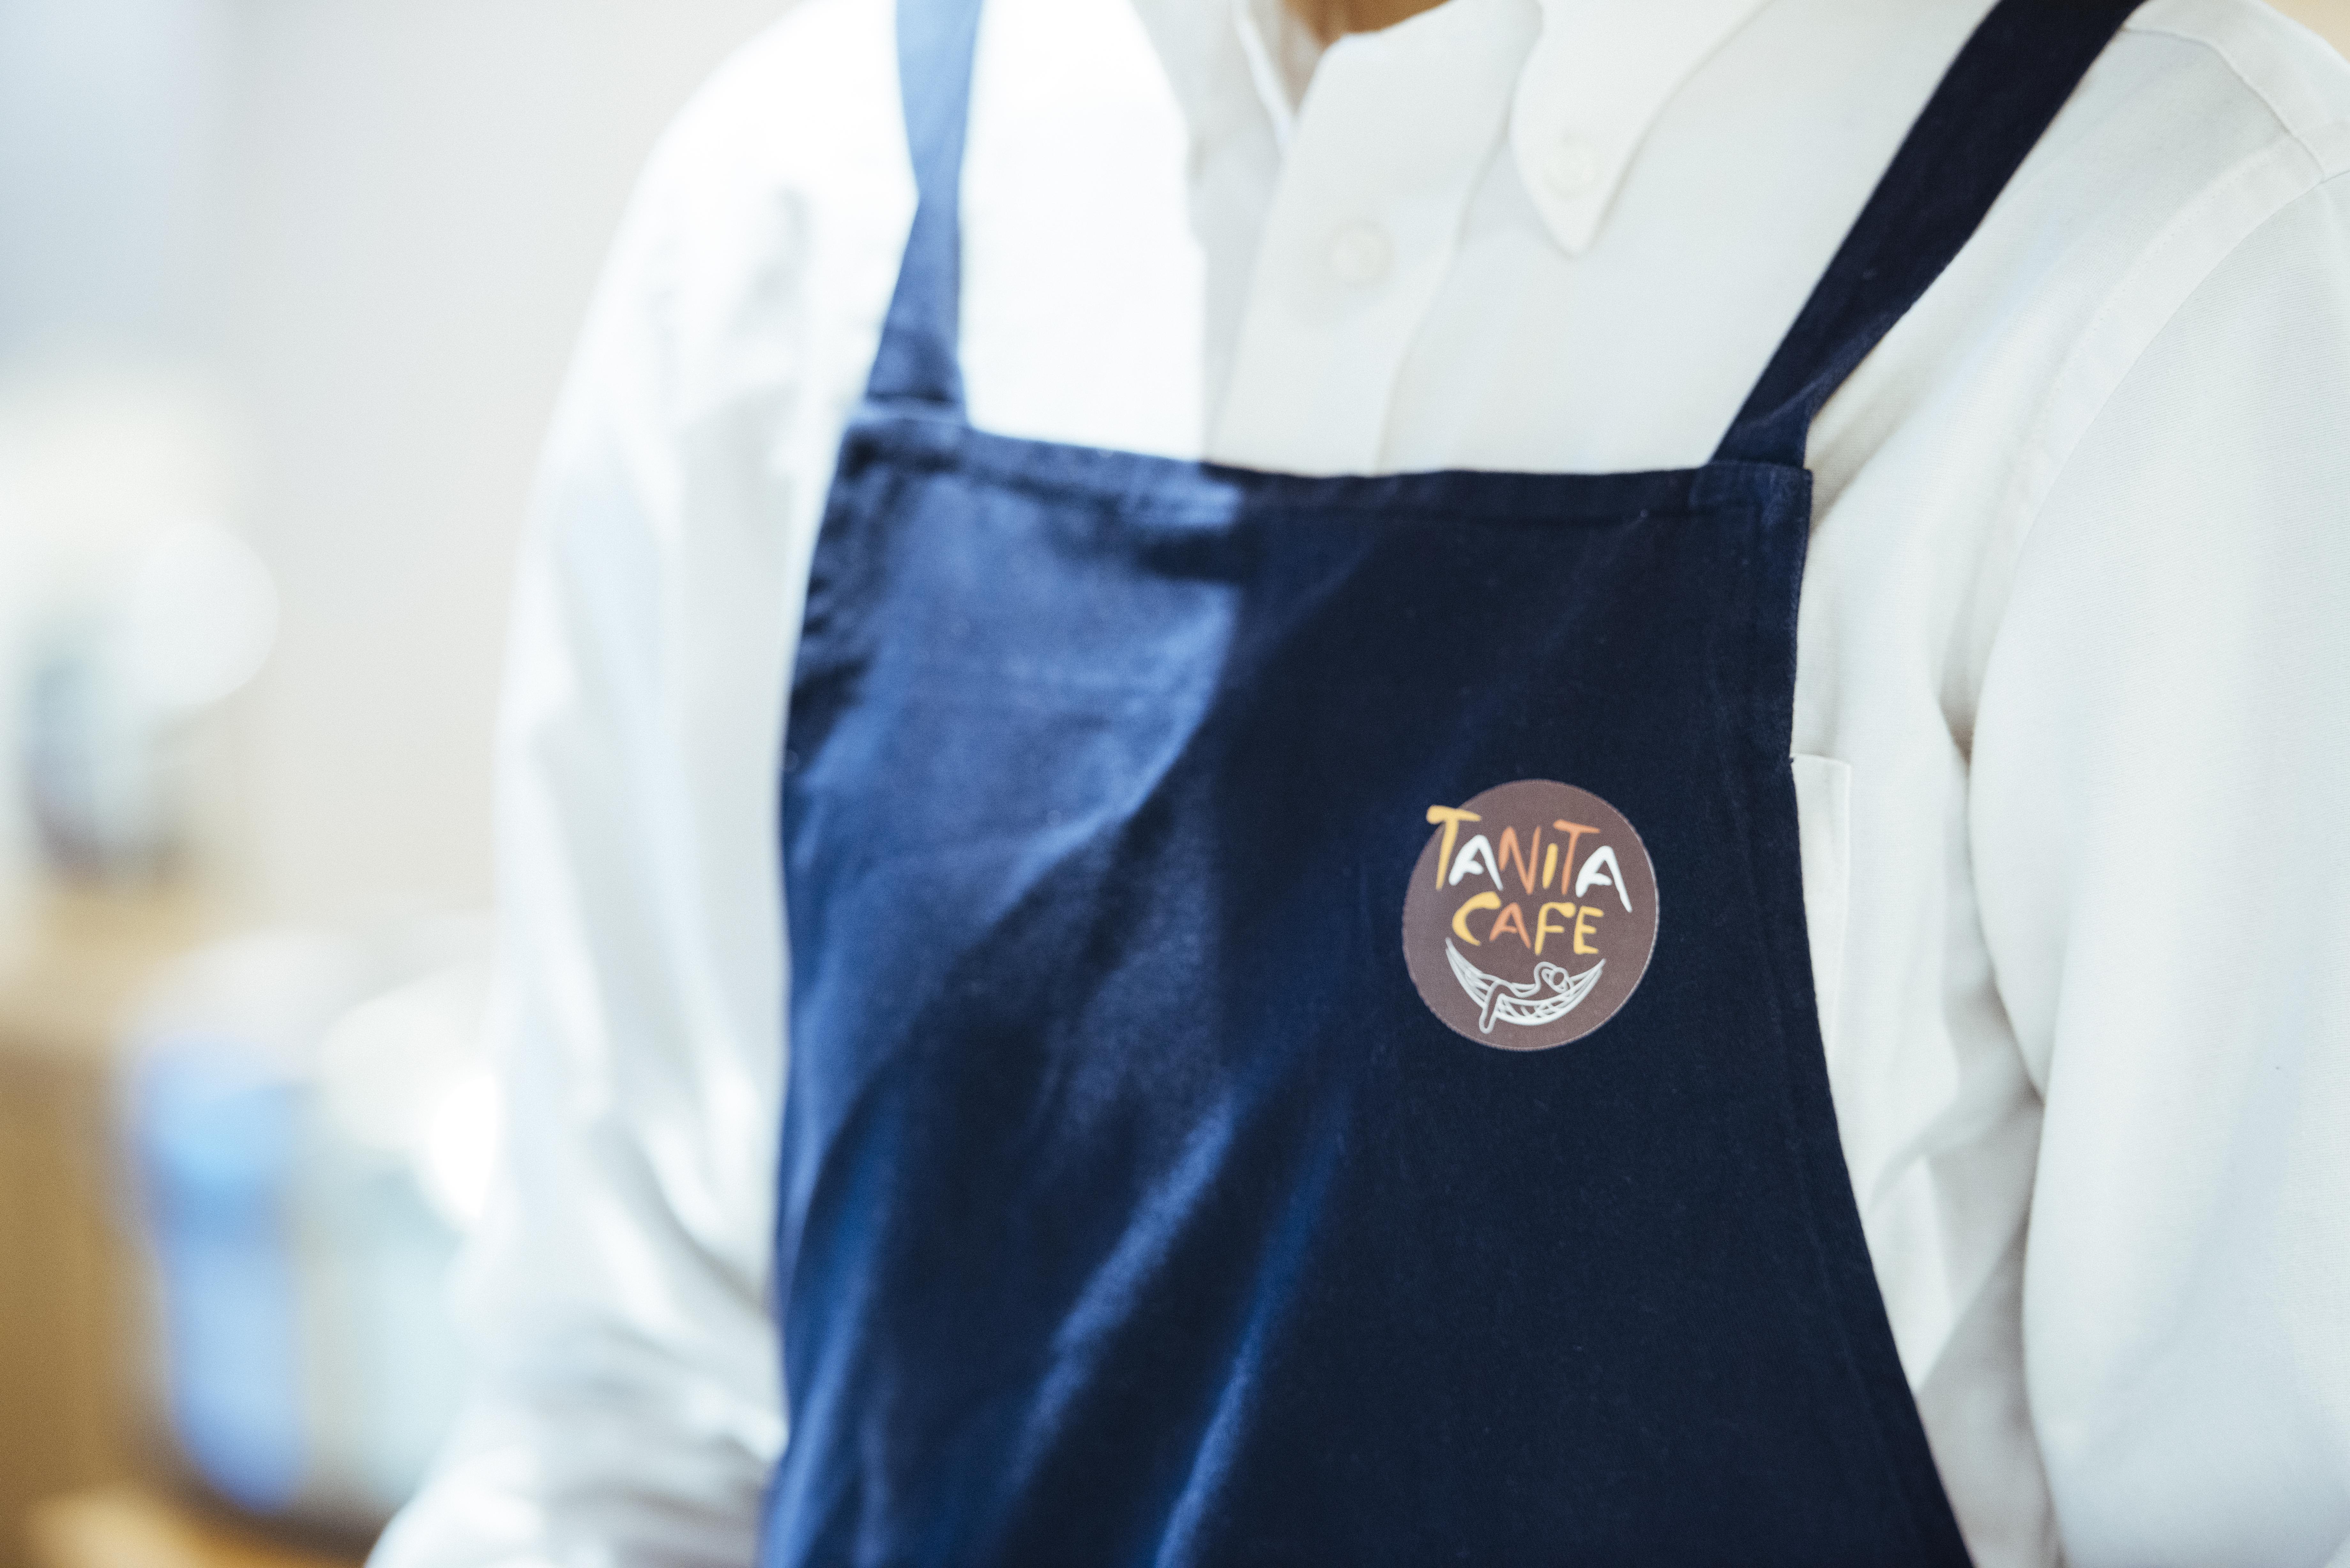 店舗の設計やメニューの開発、スタッフの制服など、すべてタニタがプロデュースしている。